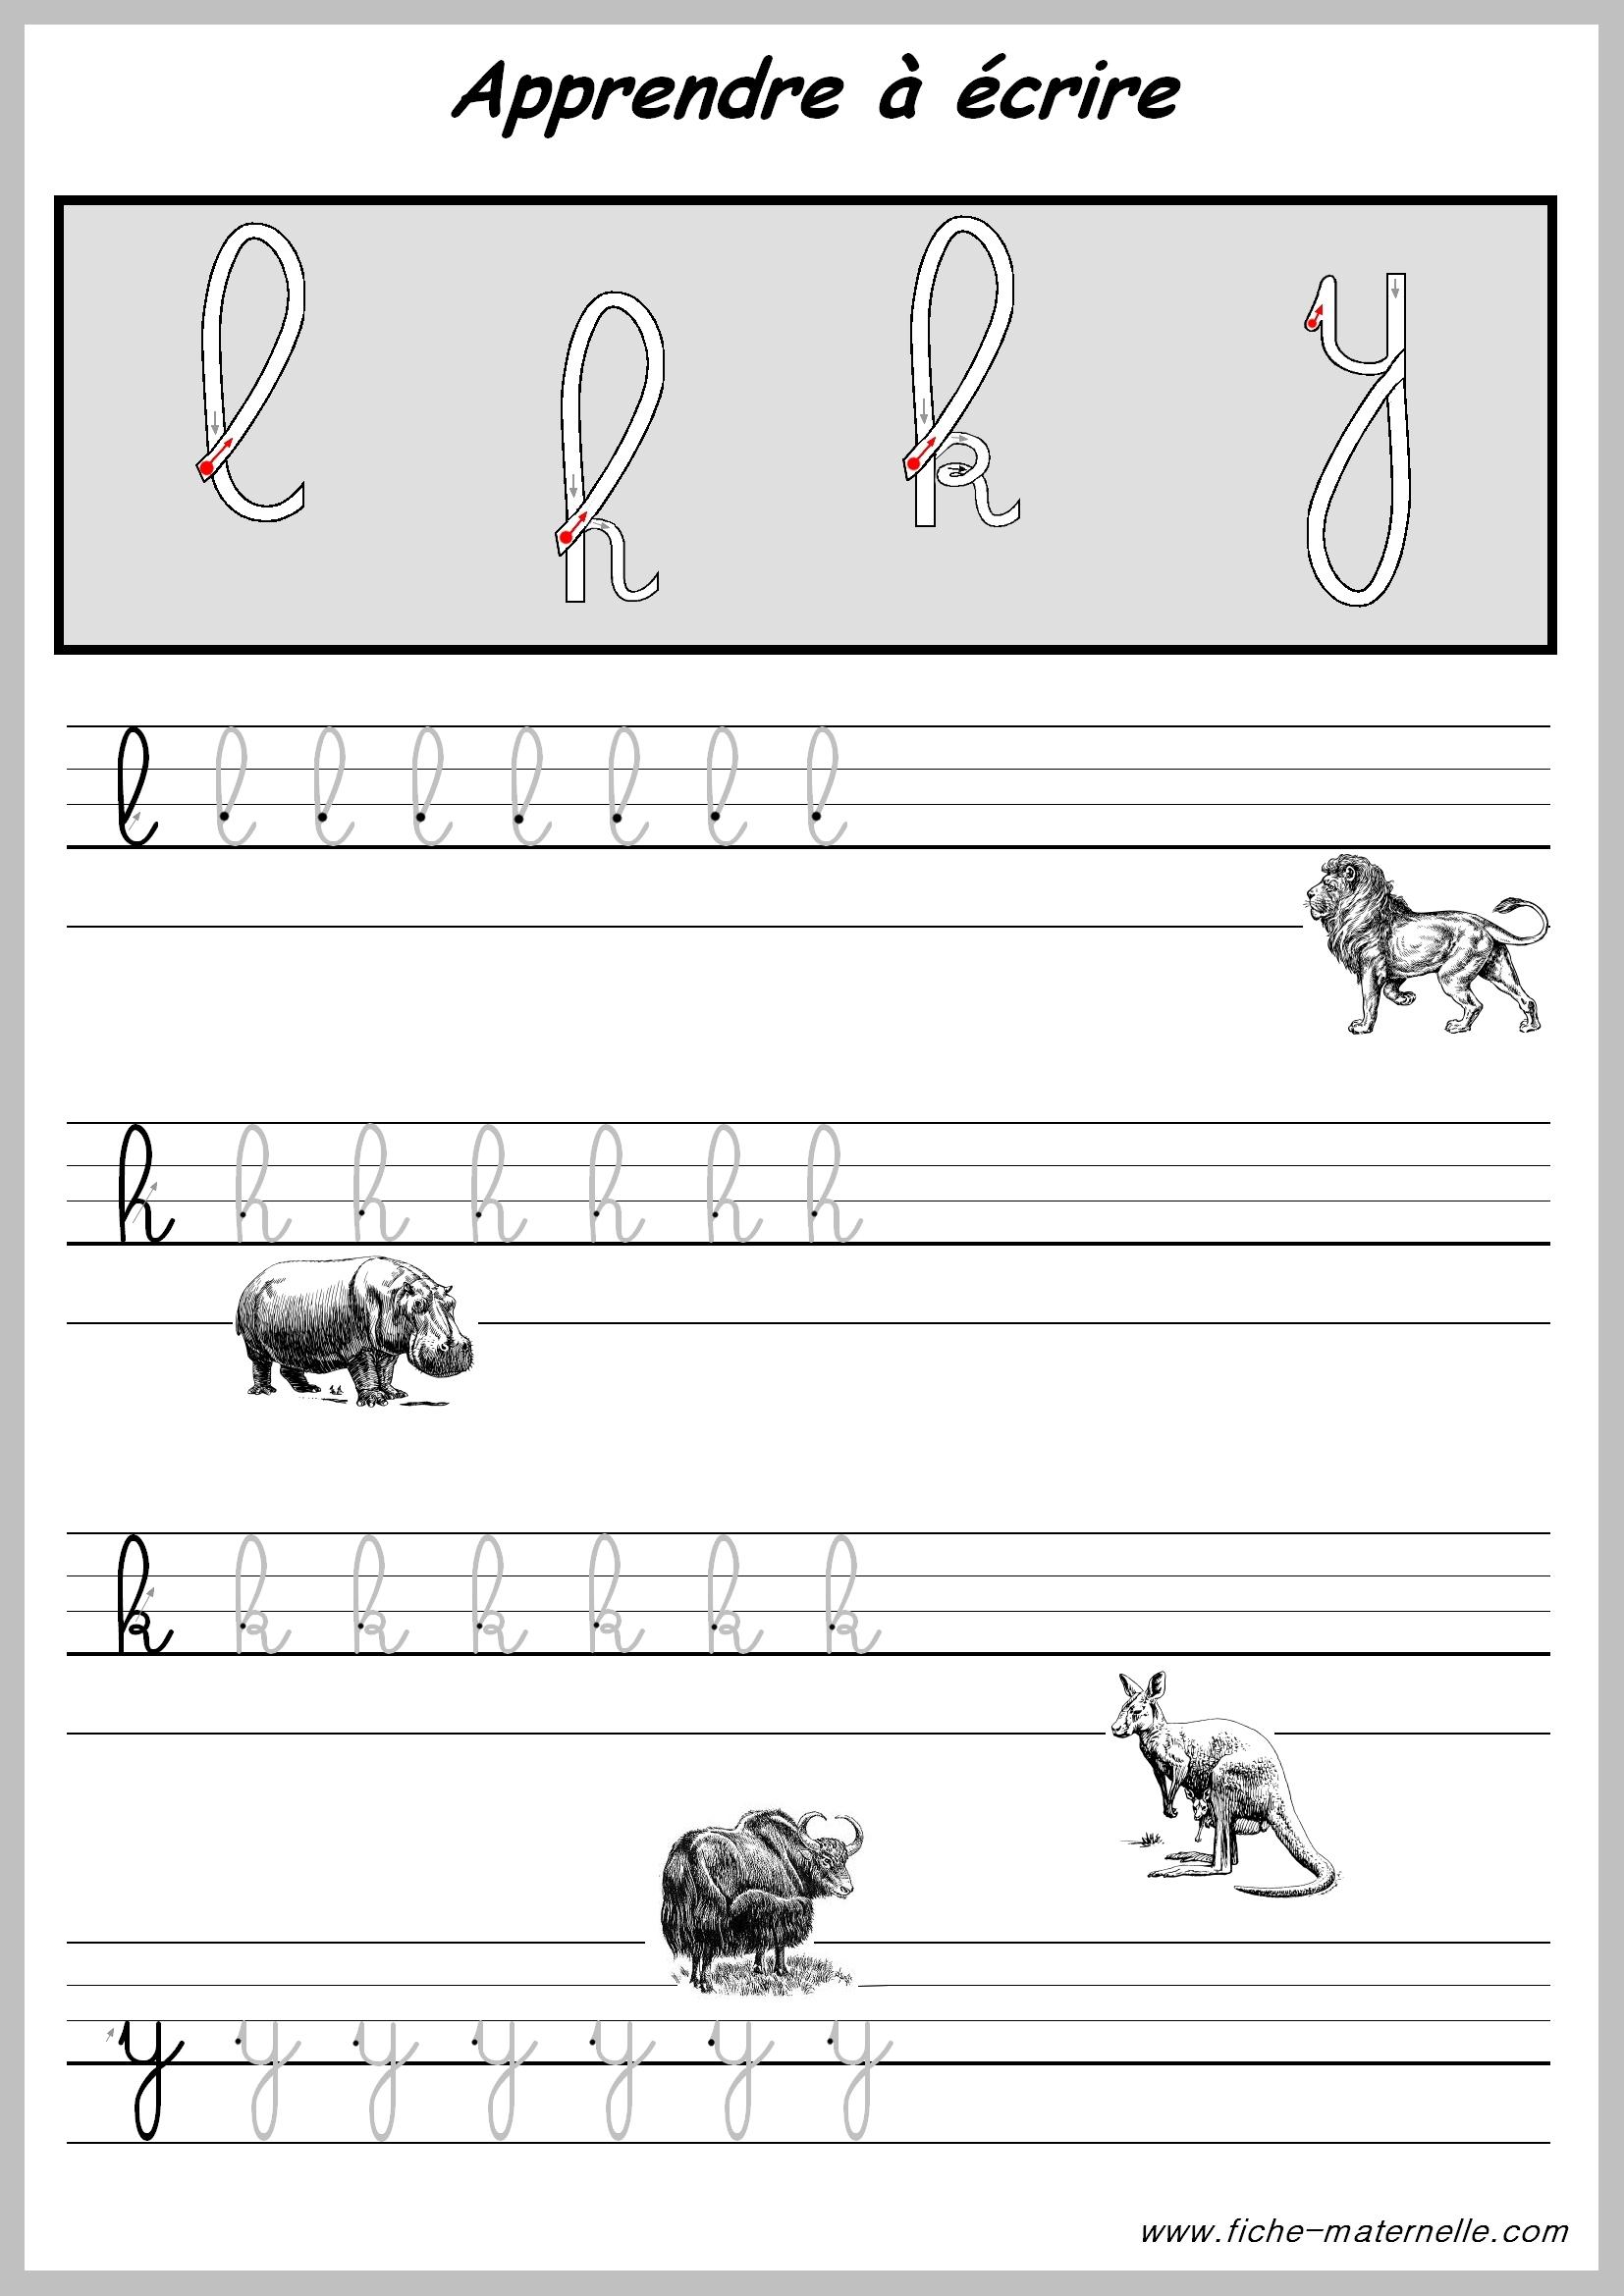 Exercices Pour Apprendre A Ecrire Les Lettres. à Apprendre A Écrire L Alphabet